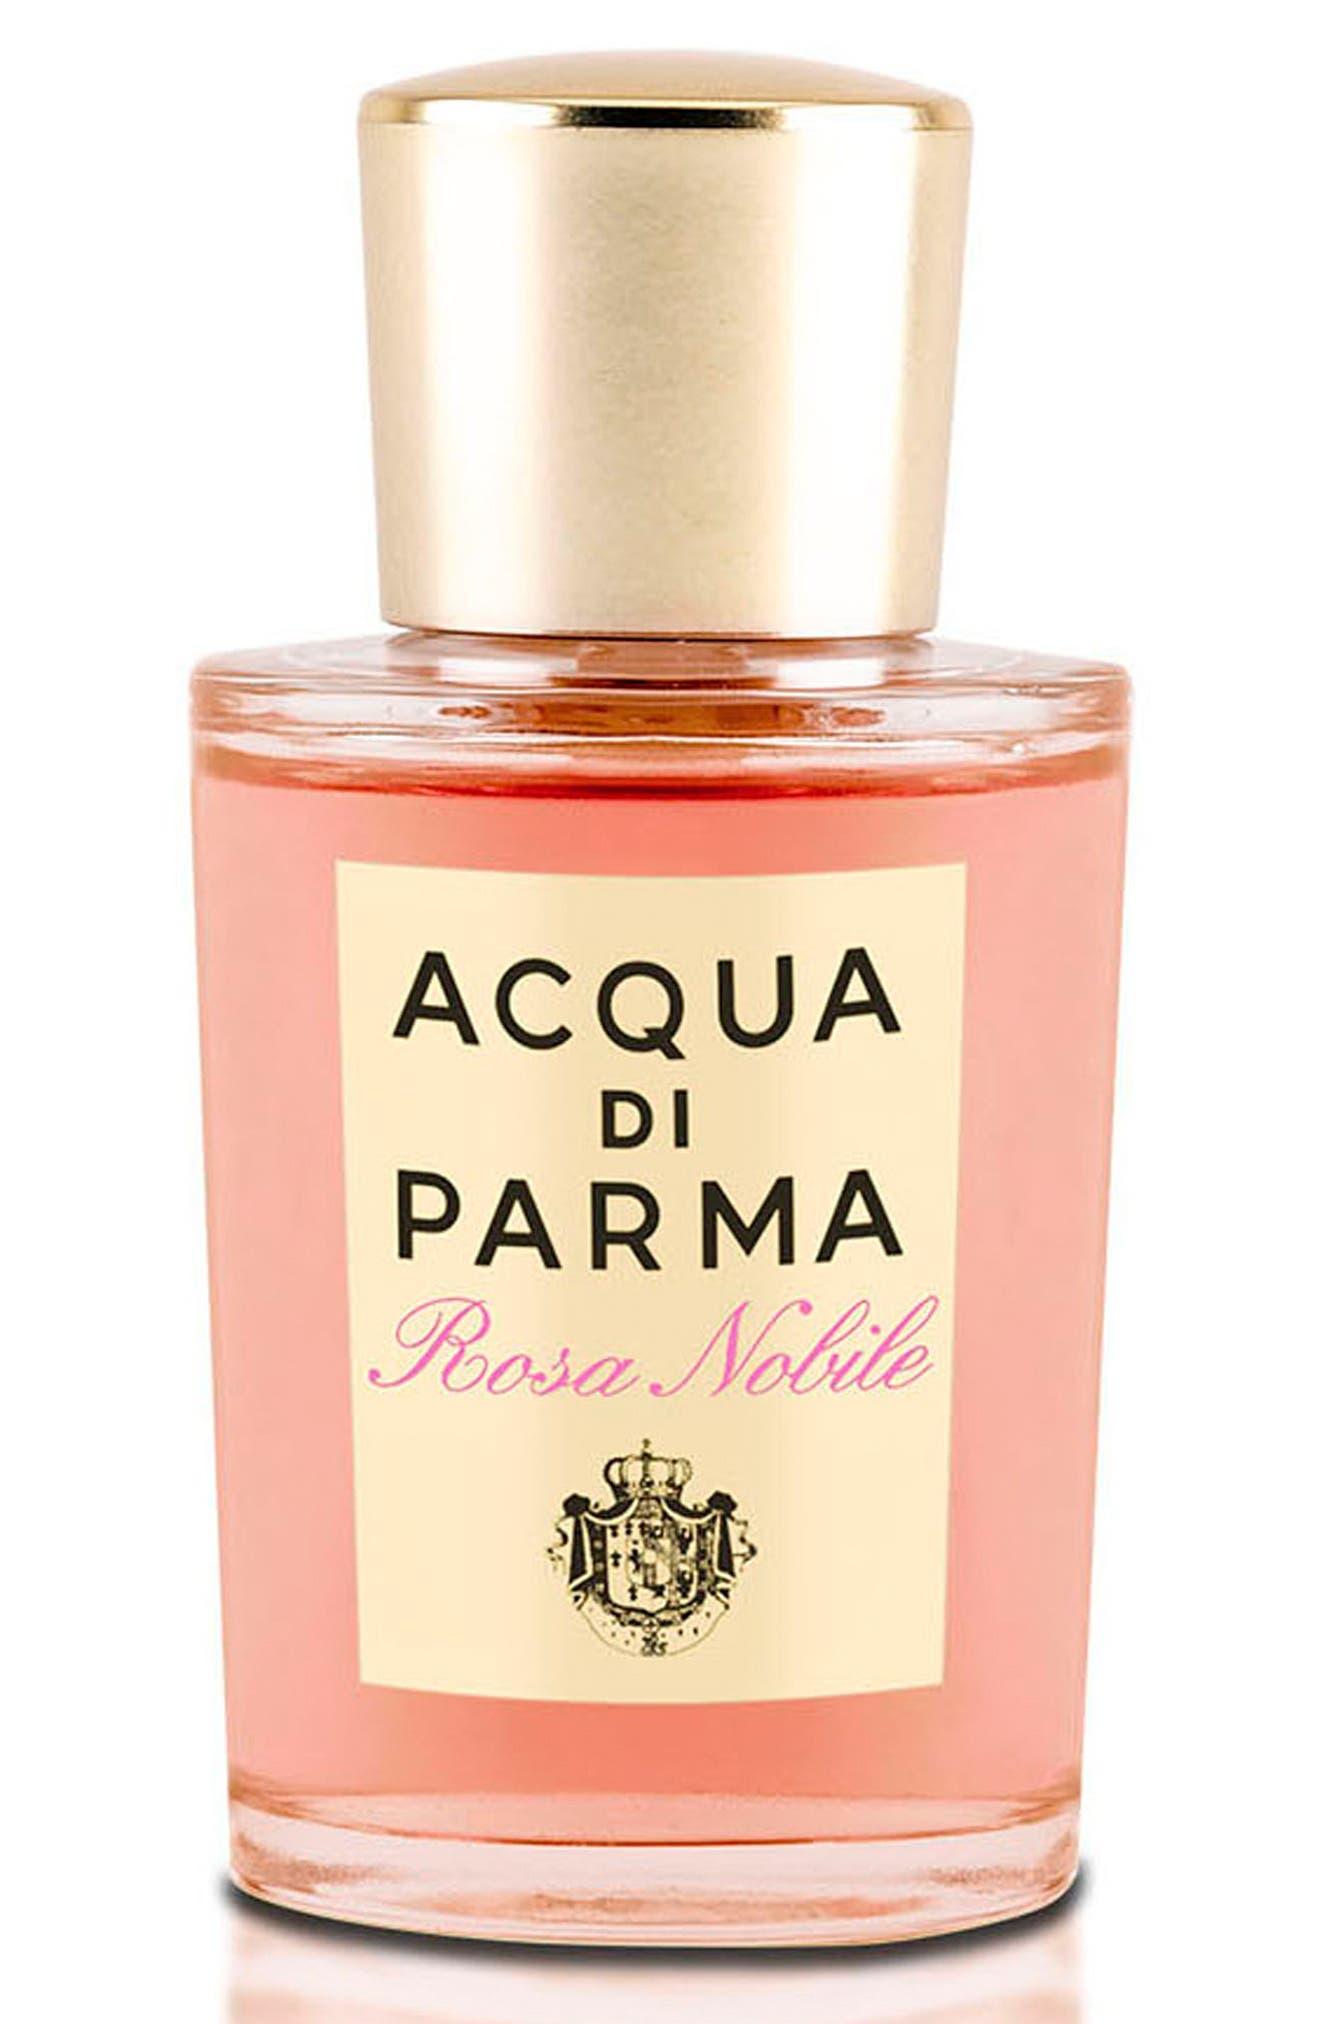 ACQUA DI PARMA, Rosa Nobile Eau de Parfum, Alternate thumbnail 5, color, NO COLOR